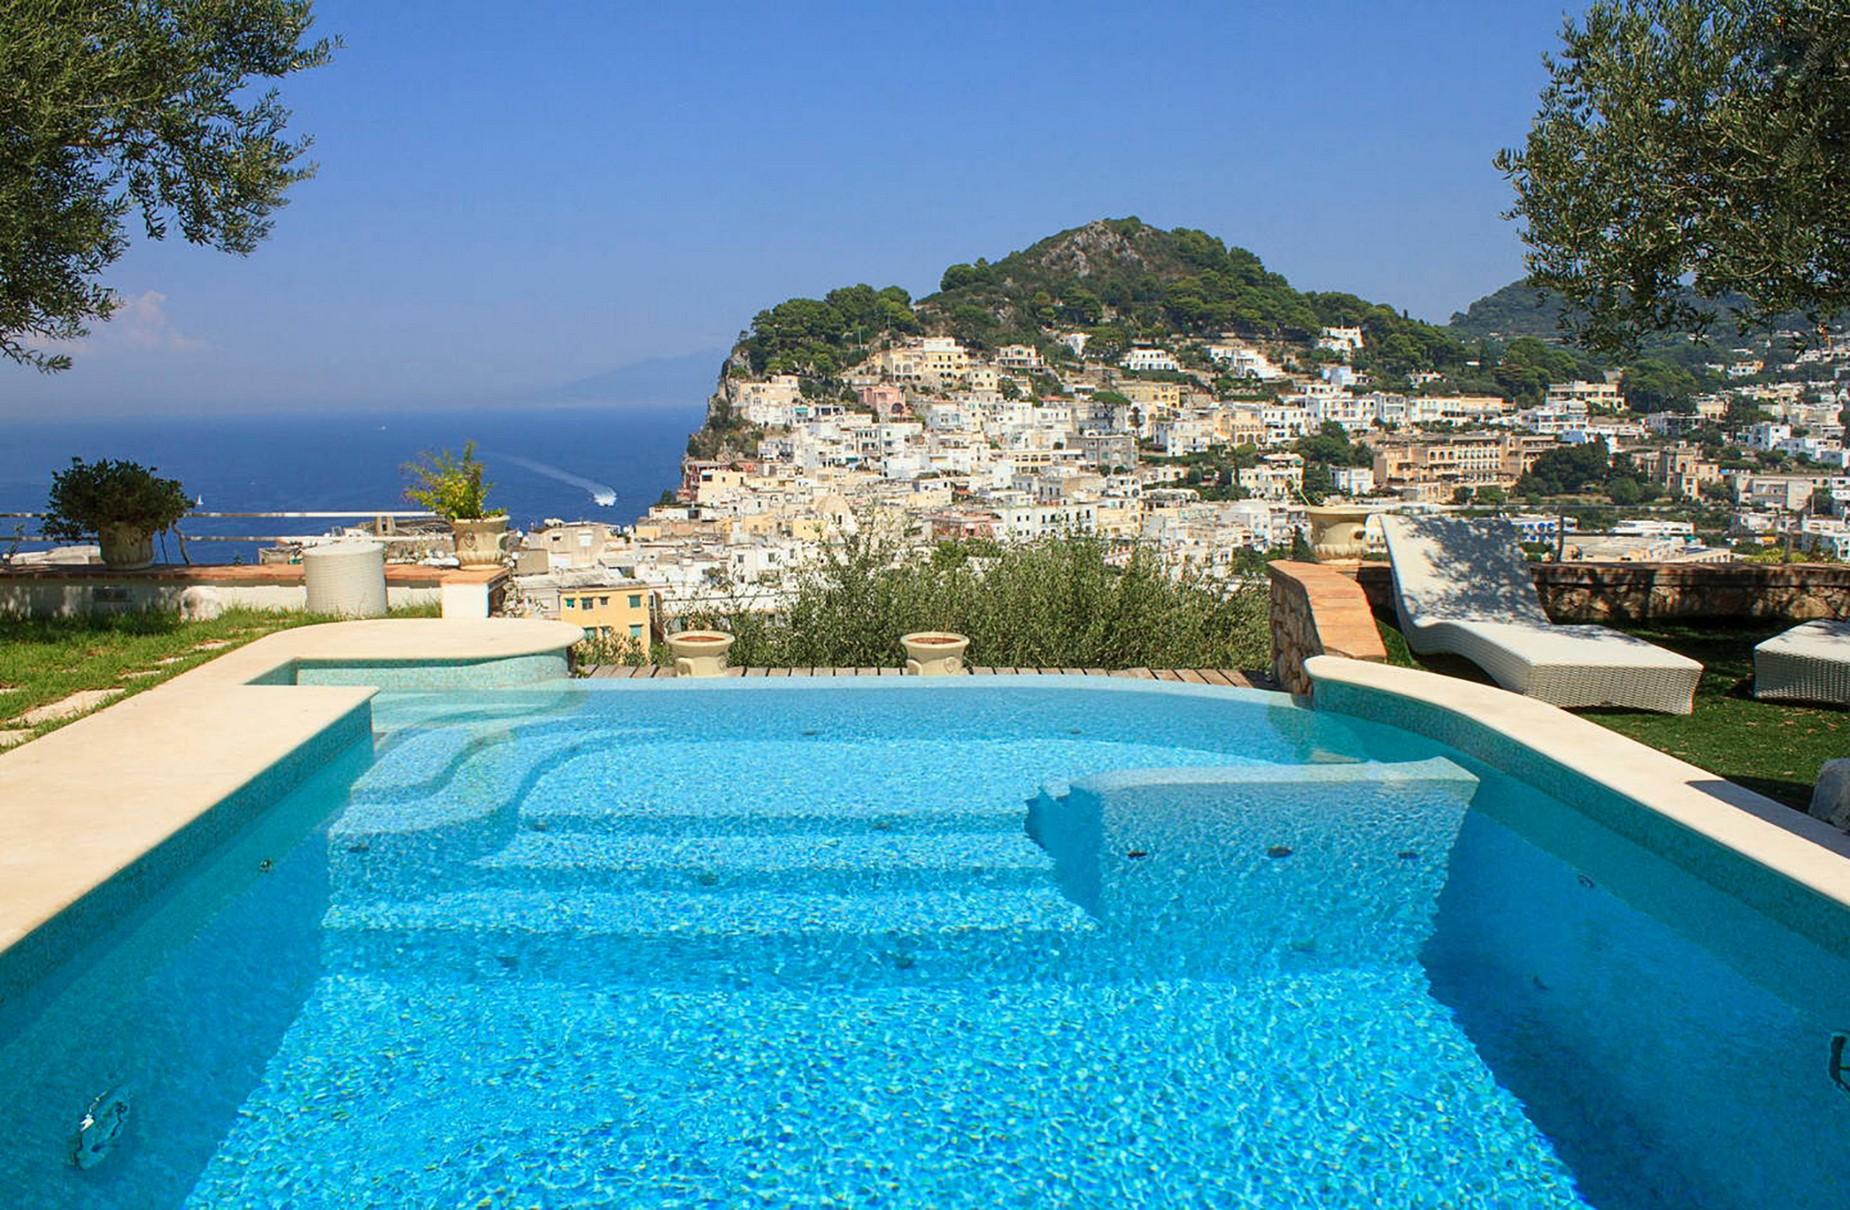 Villa in Vendita a Capri: 5 locali, 150 mq - Foto 1